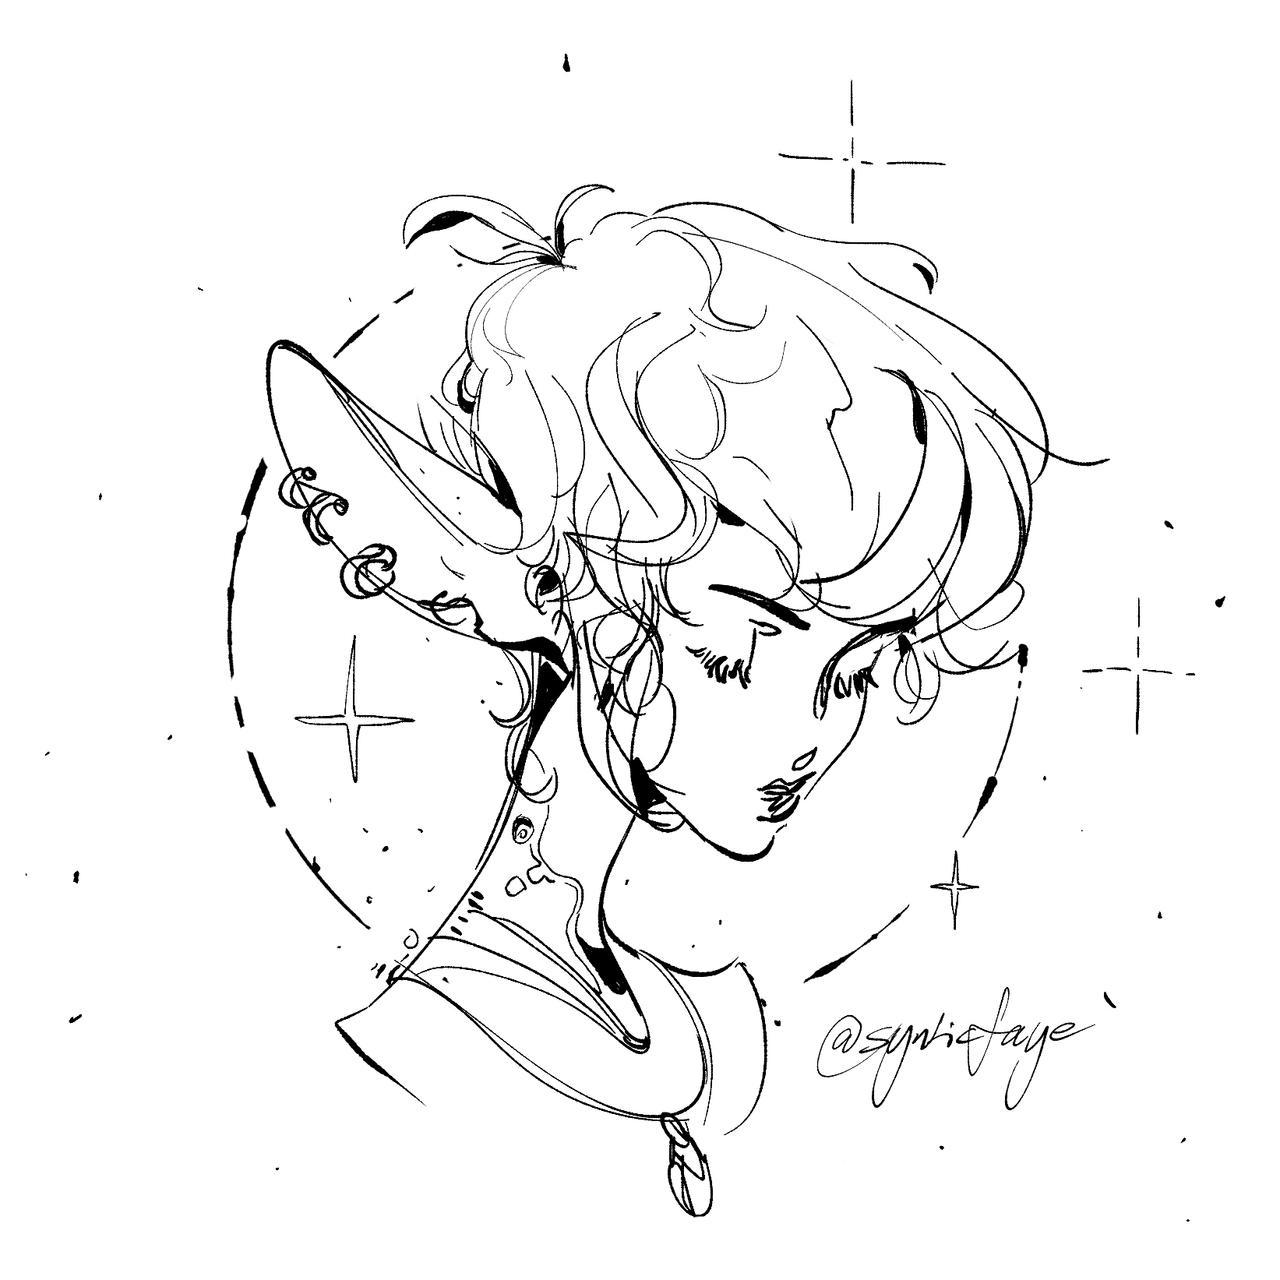 11-09-2021 Ink sketch